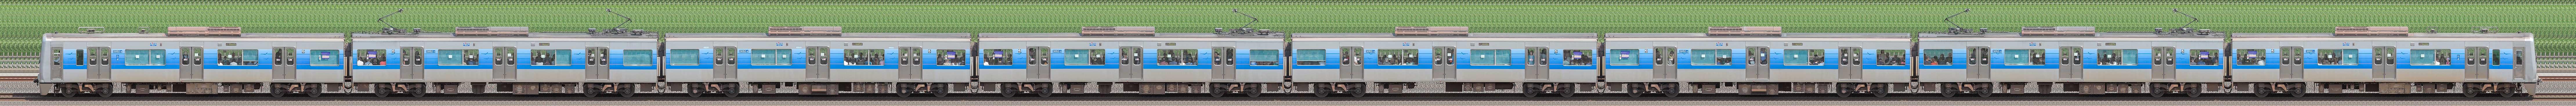 京成3000形(7次車/3050形)3052編成(デザイン変更前・海側)の編成サイドビュー